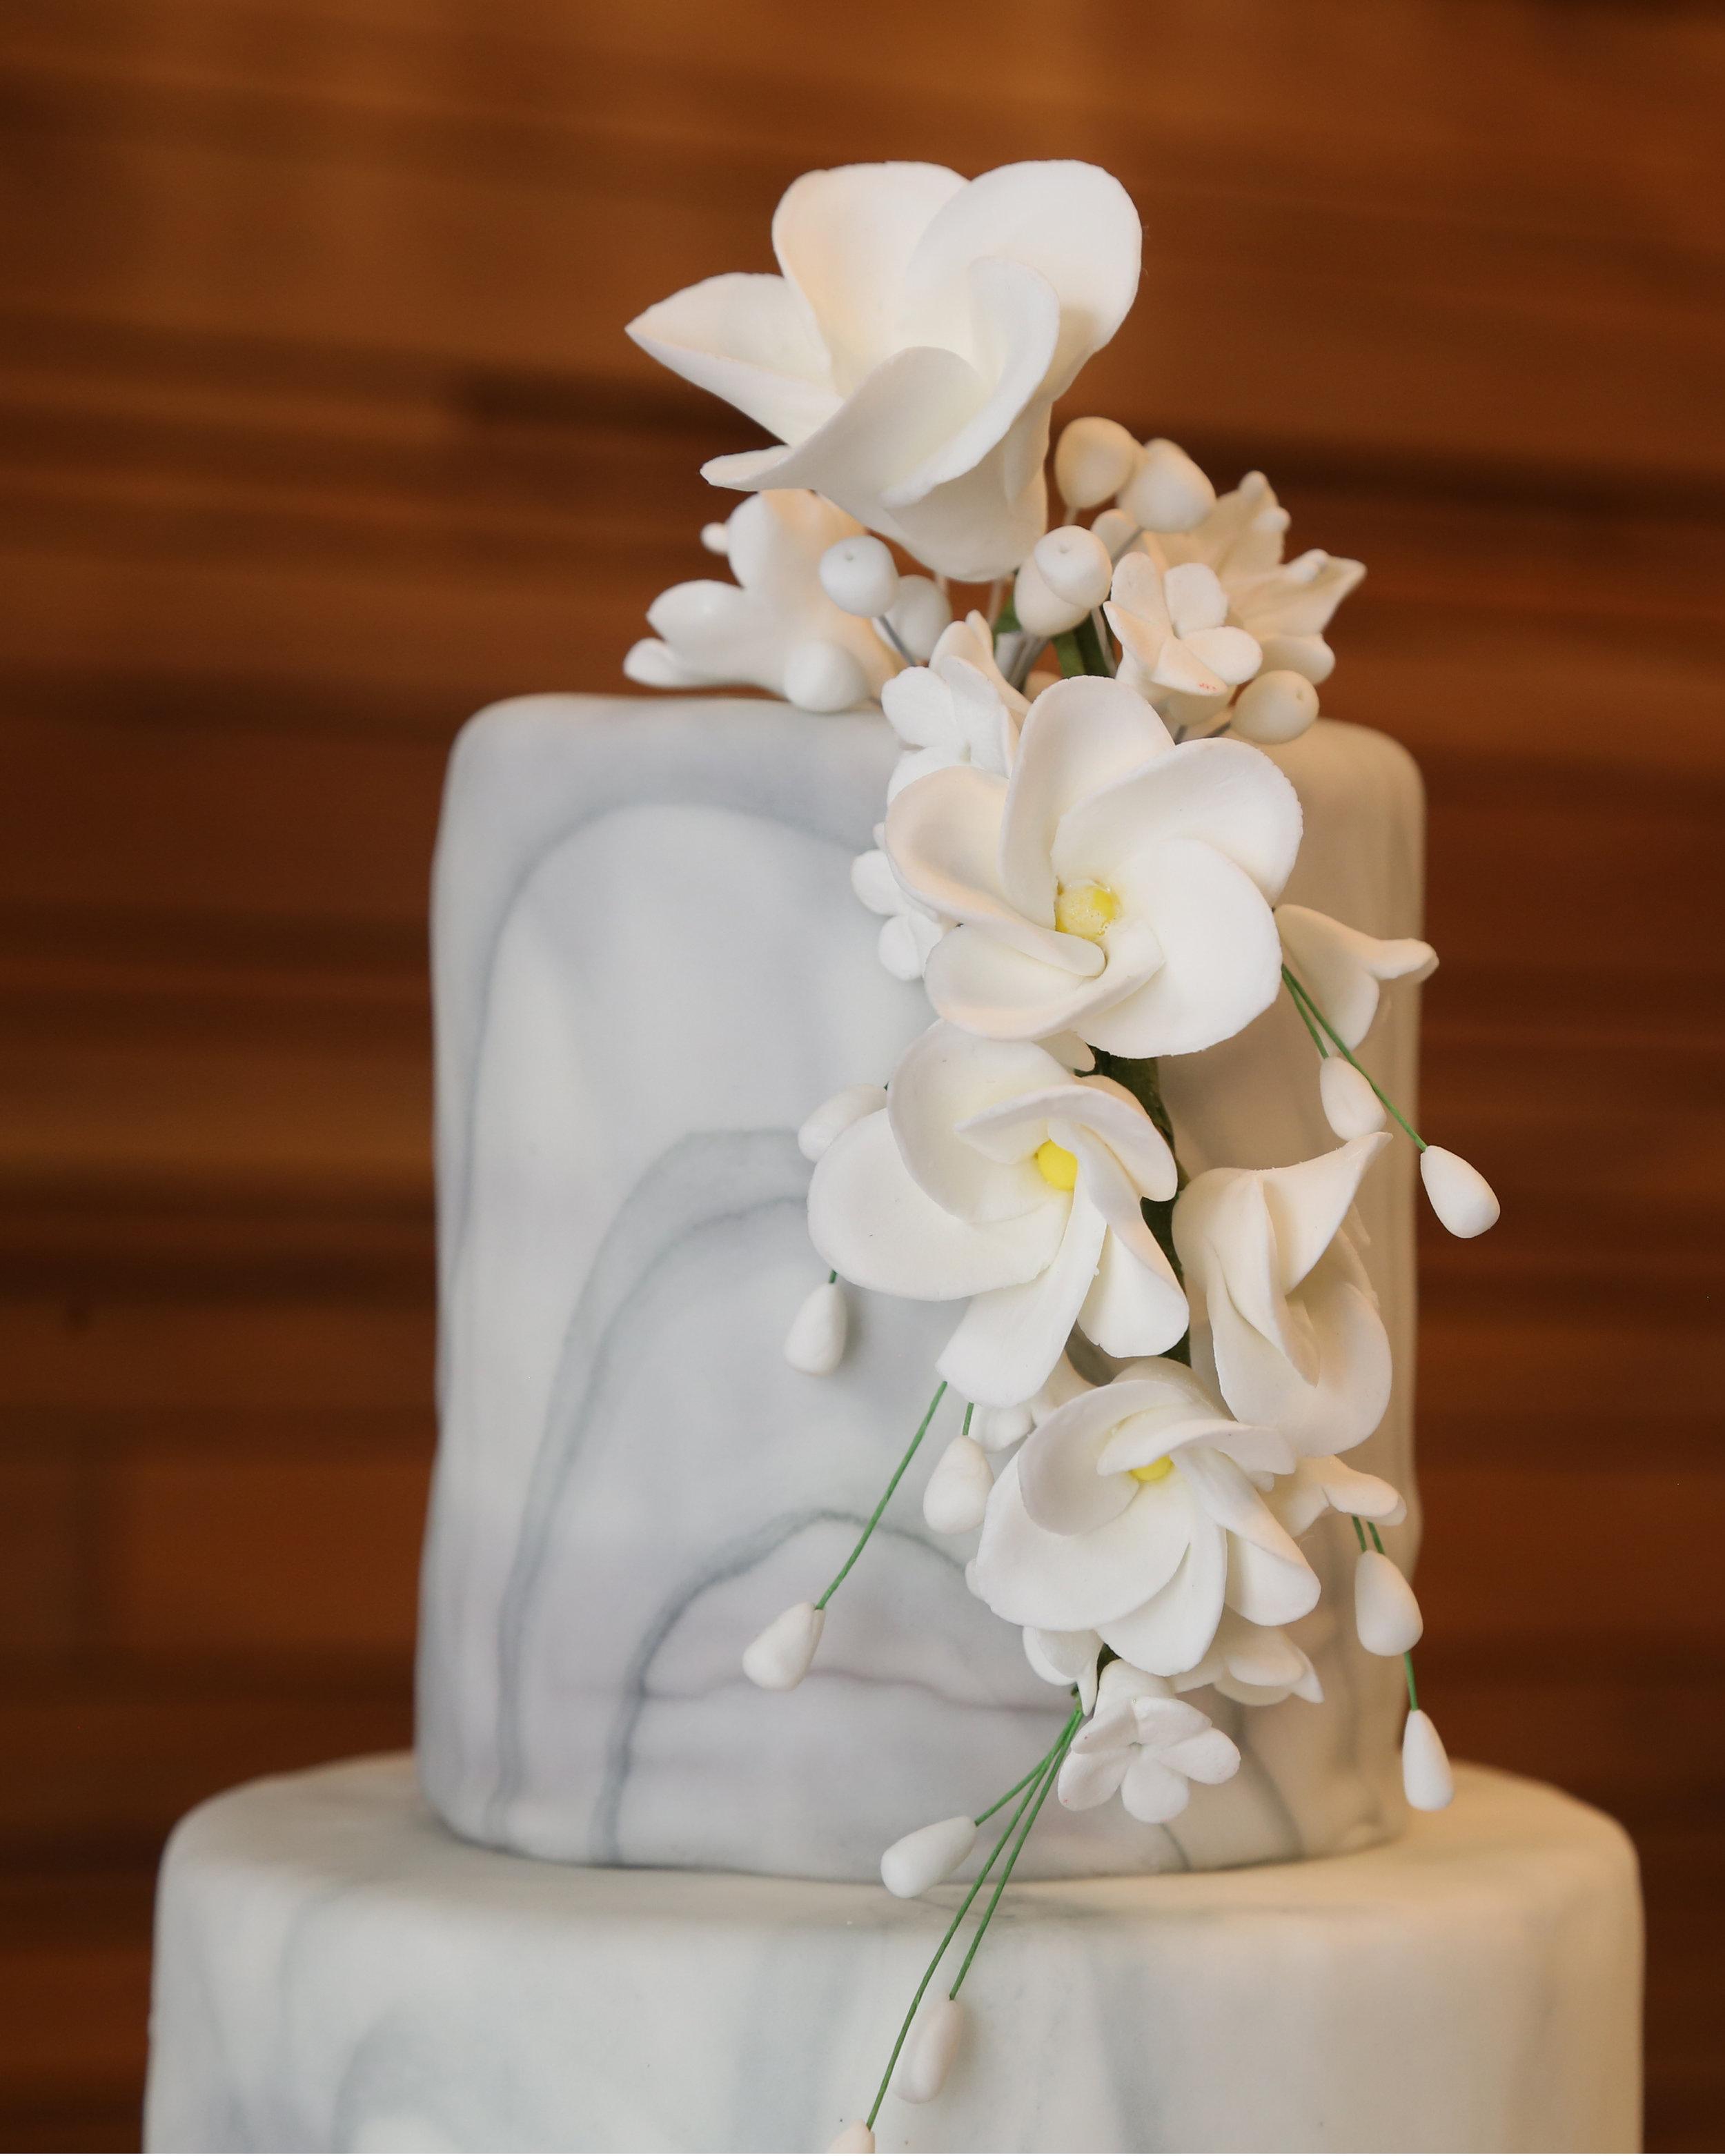 Wedding Cake Detail #4